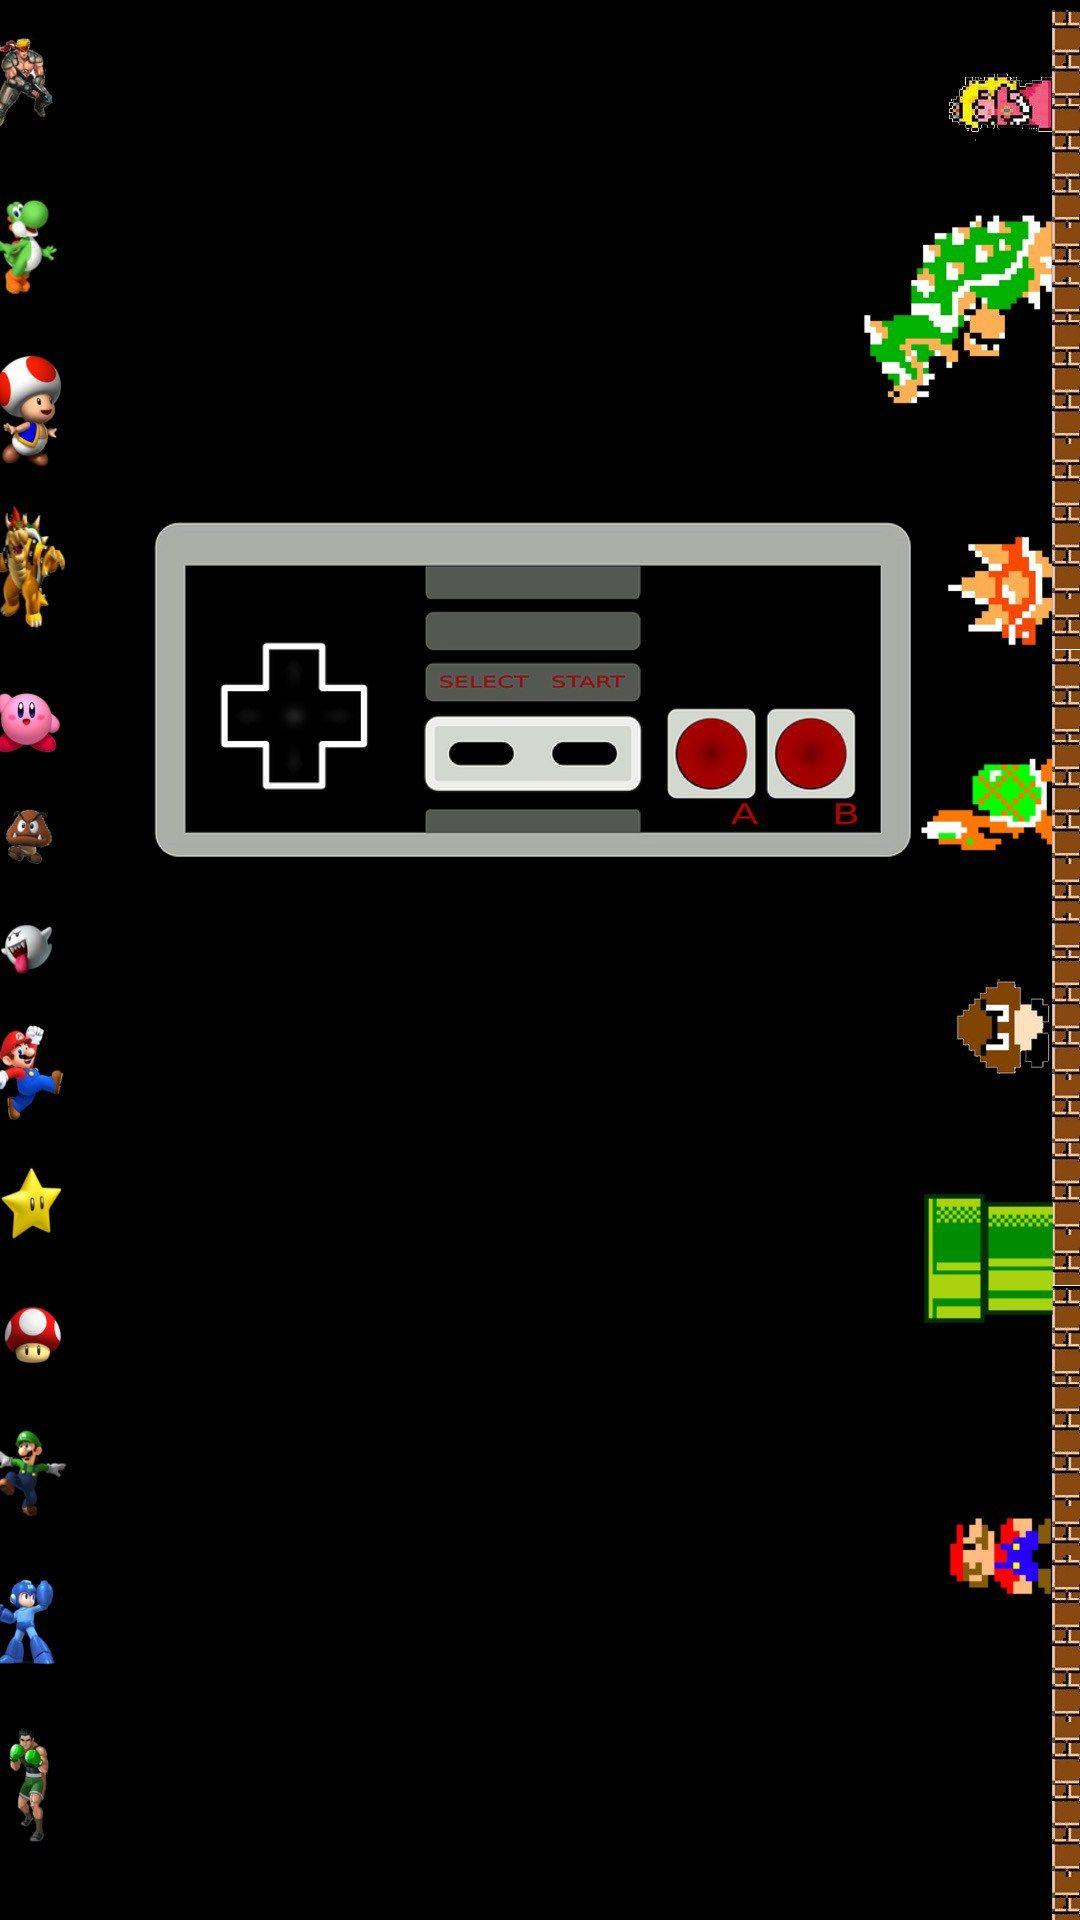 Nintendo Nes Classic Iphone Wallpaper Hd Protectores De Pantalla Celular Fondo De Pantalla Iphone Tumblr Fondos De Movil